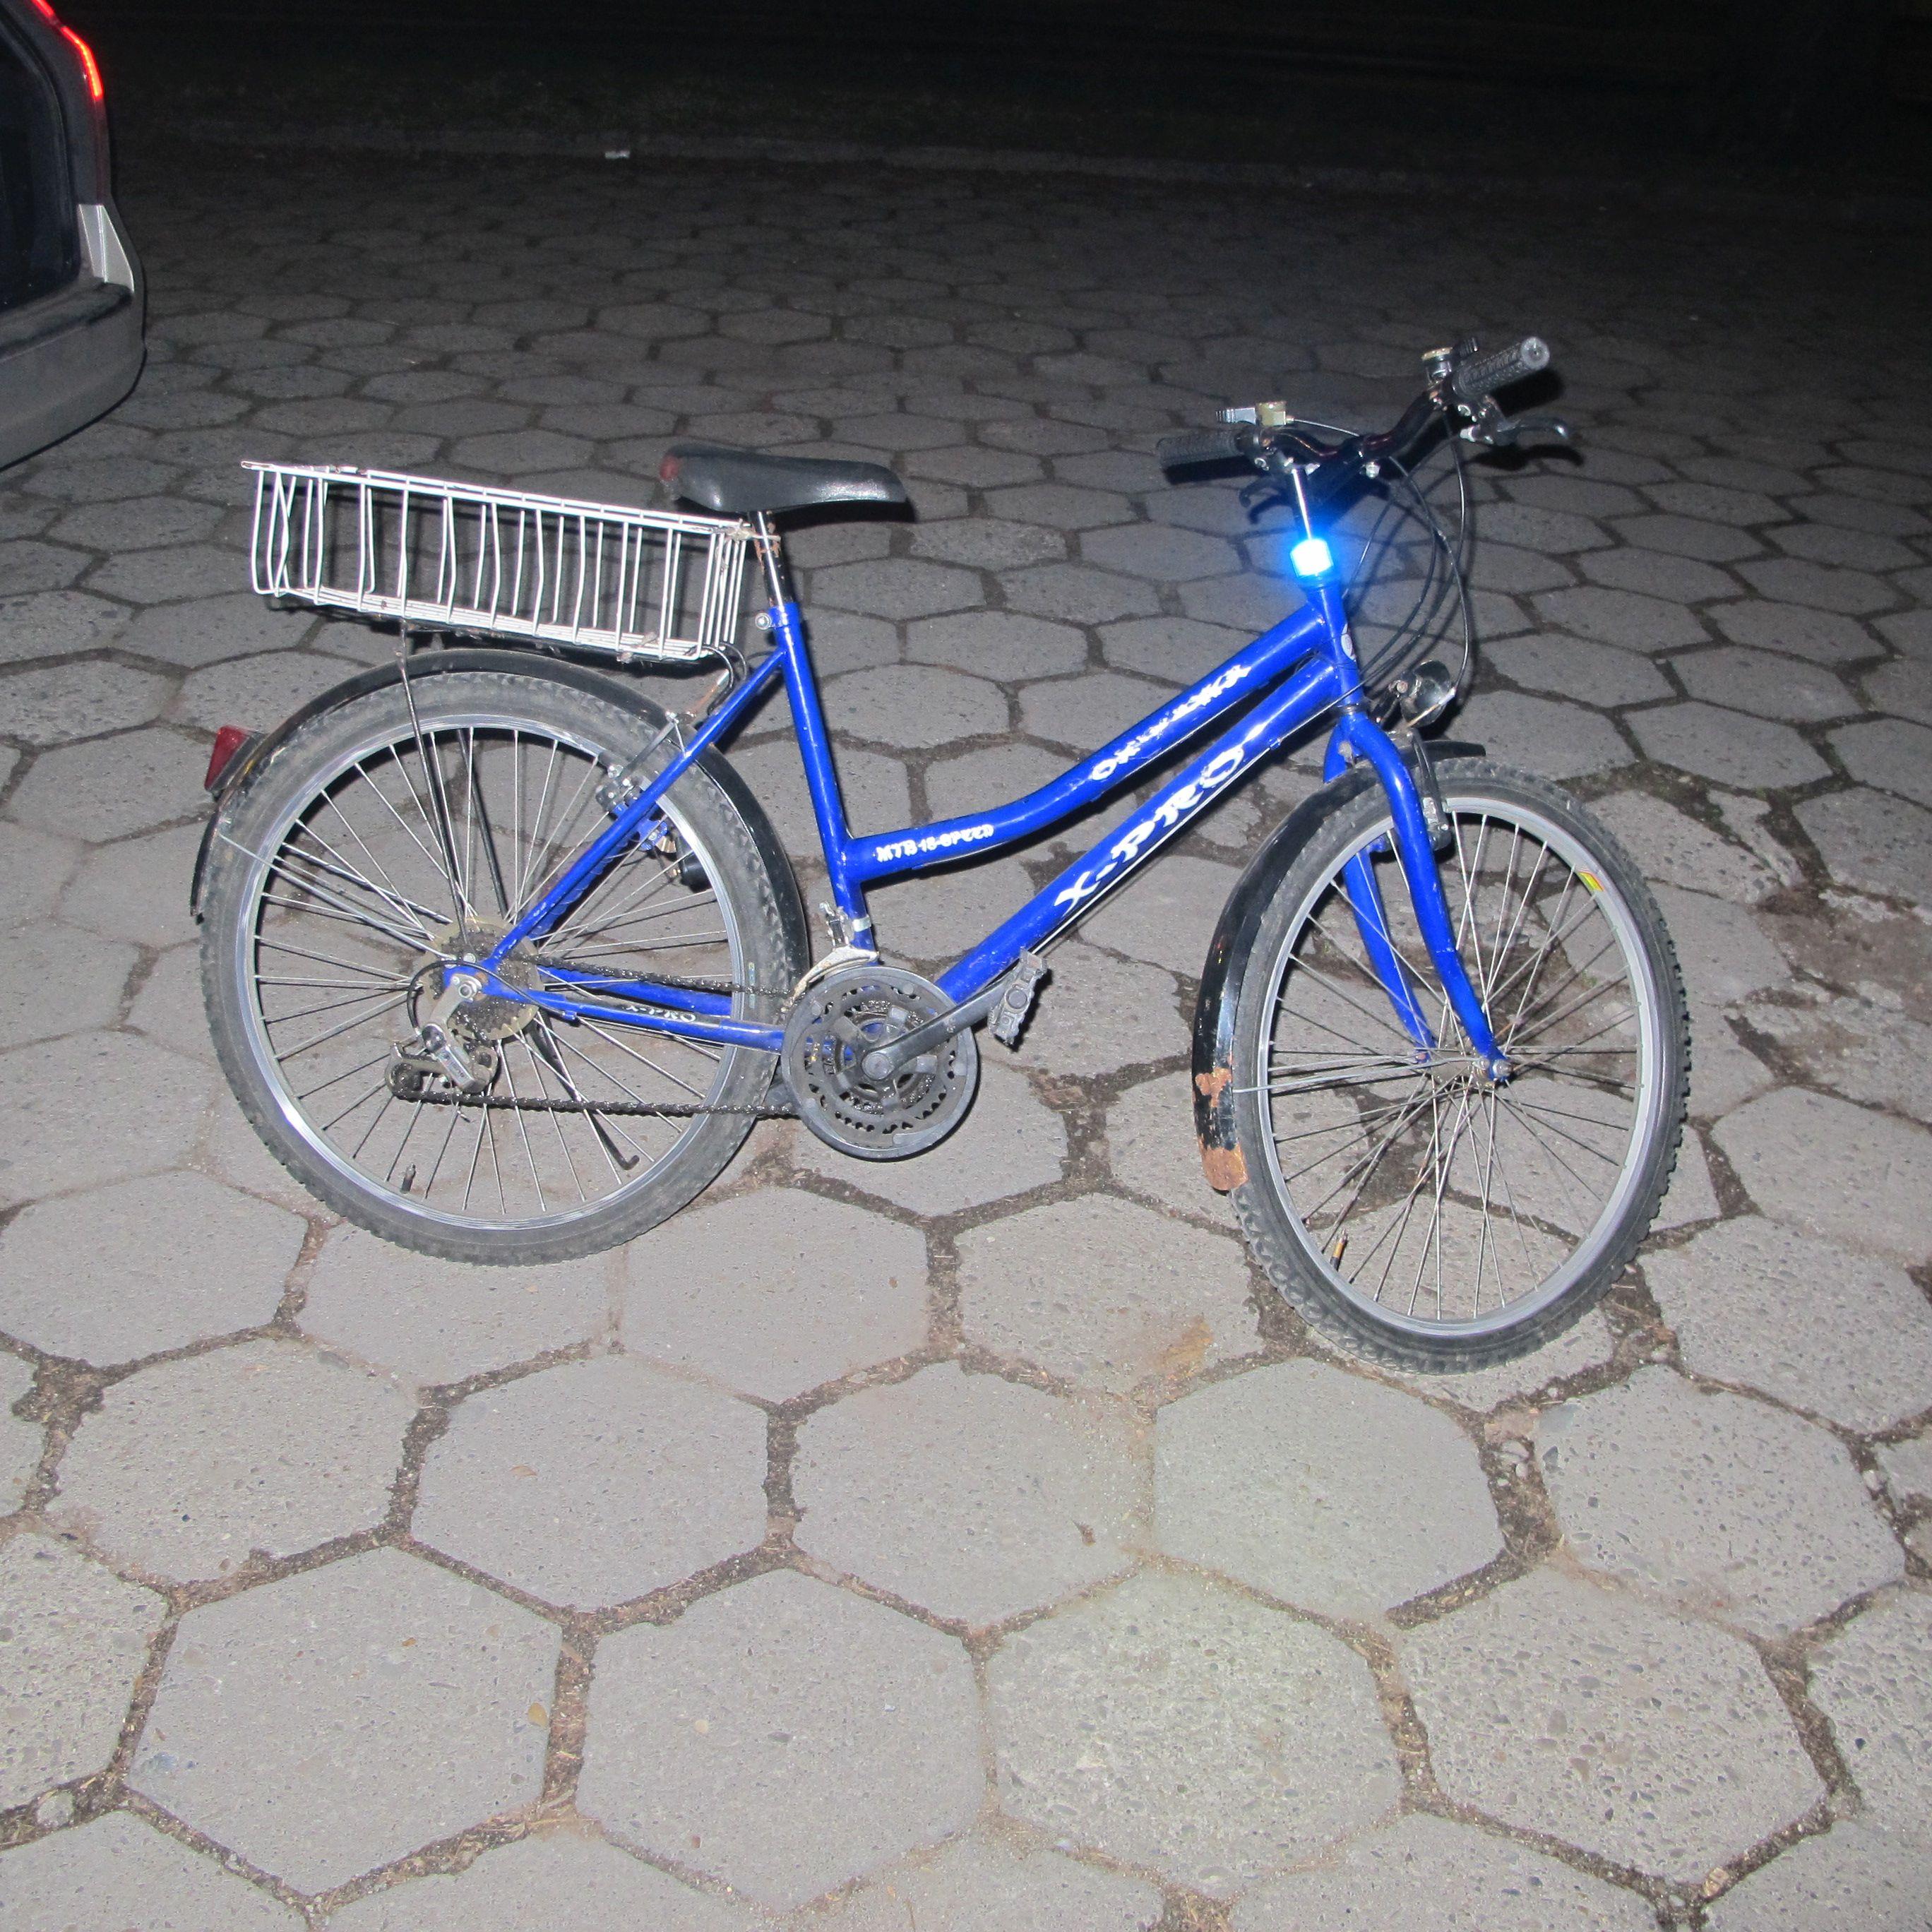 Policjanci cały czas poszukują sprawcy potrącenia rowerzystki